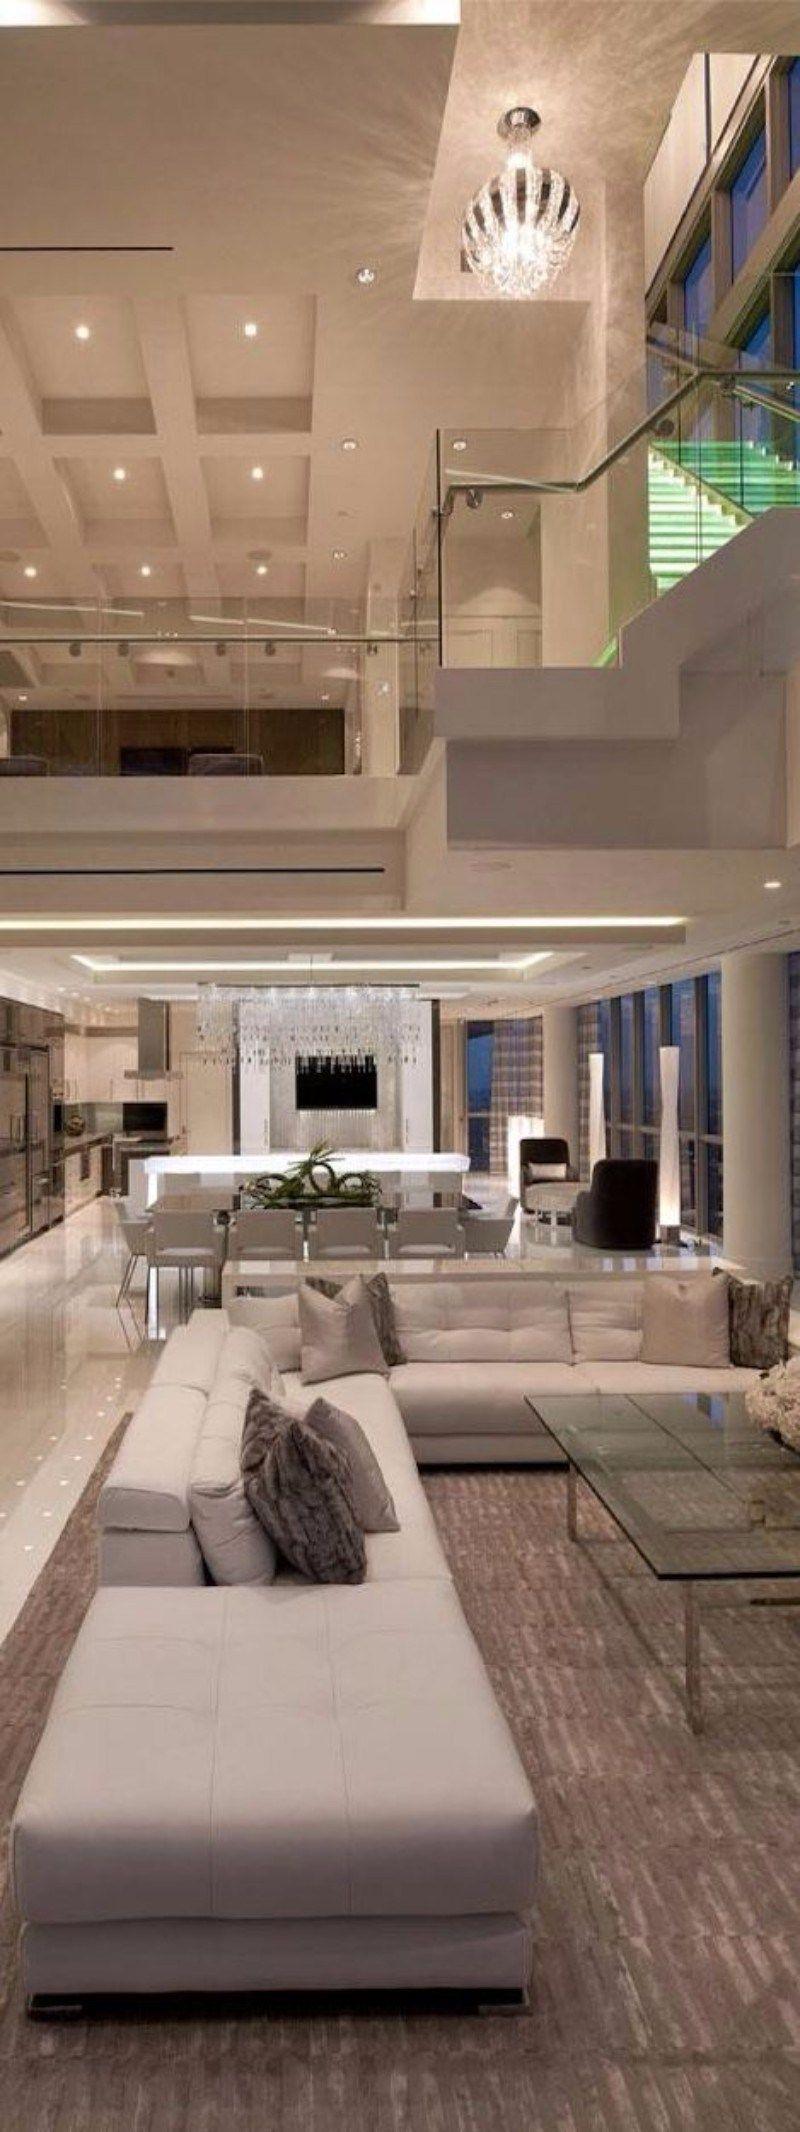 Modern Interior Design Room Ideas | Zimmereinrichtung, Wohnideen und ...